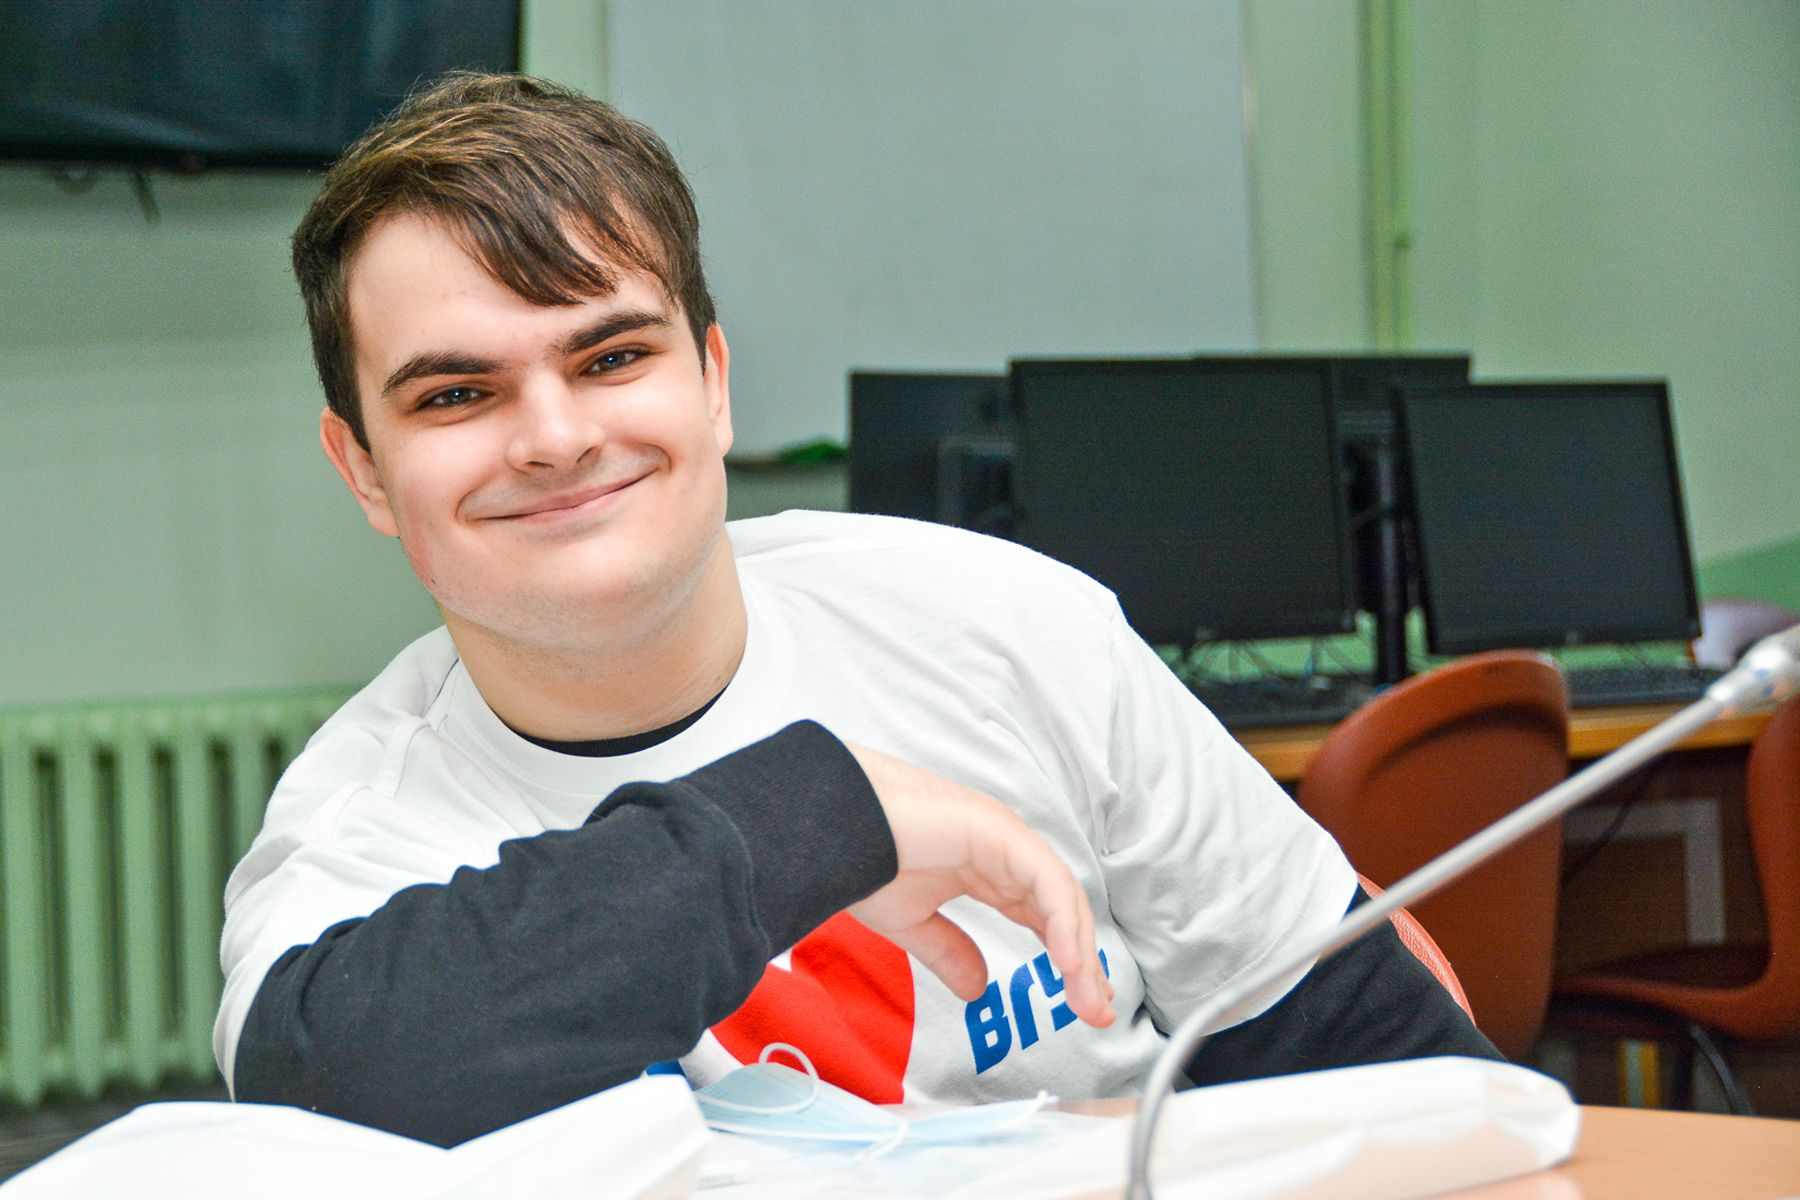 Финал краевого конкурса ISFIT для будущих IT-специалистов прошел во ВГУЭС